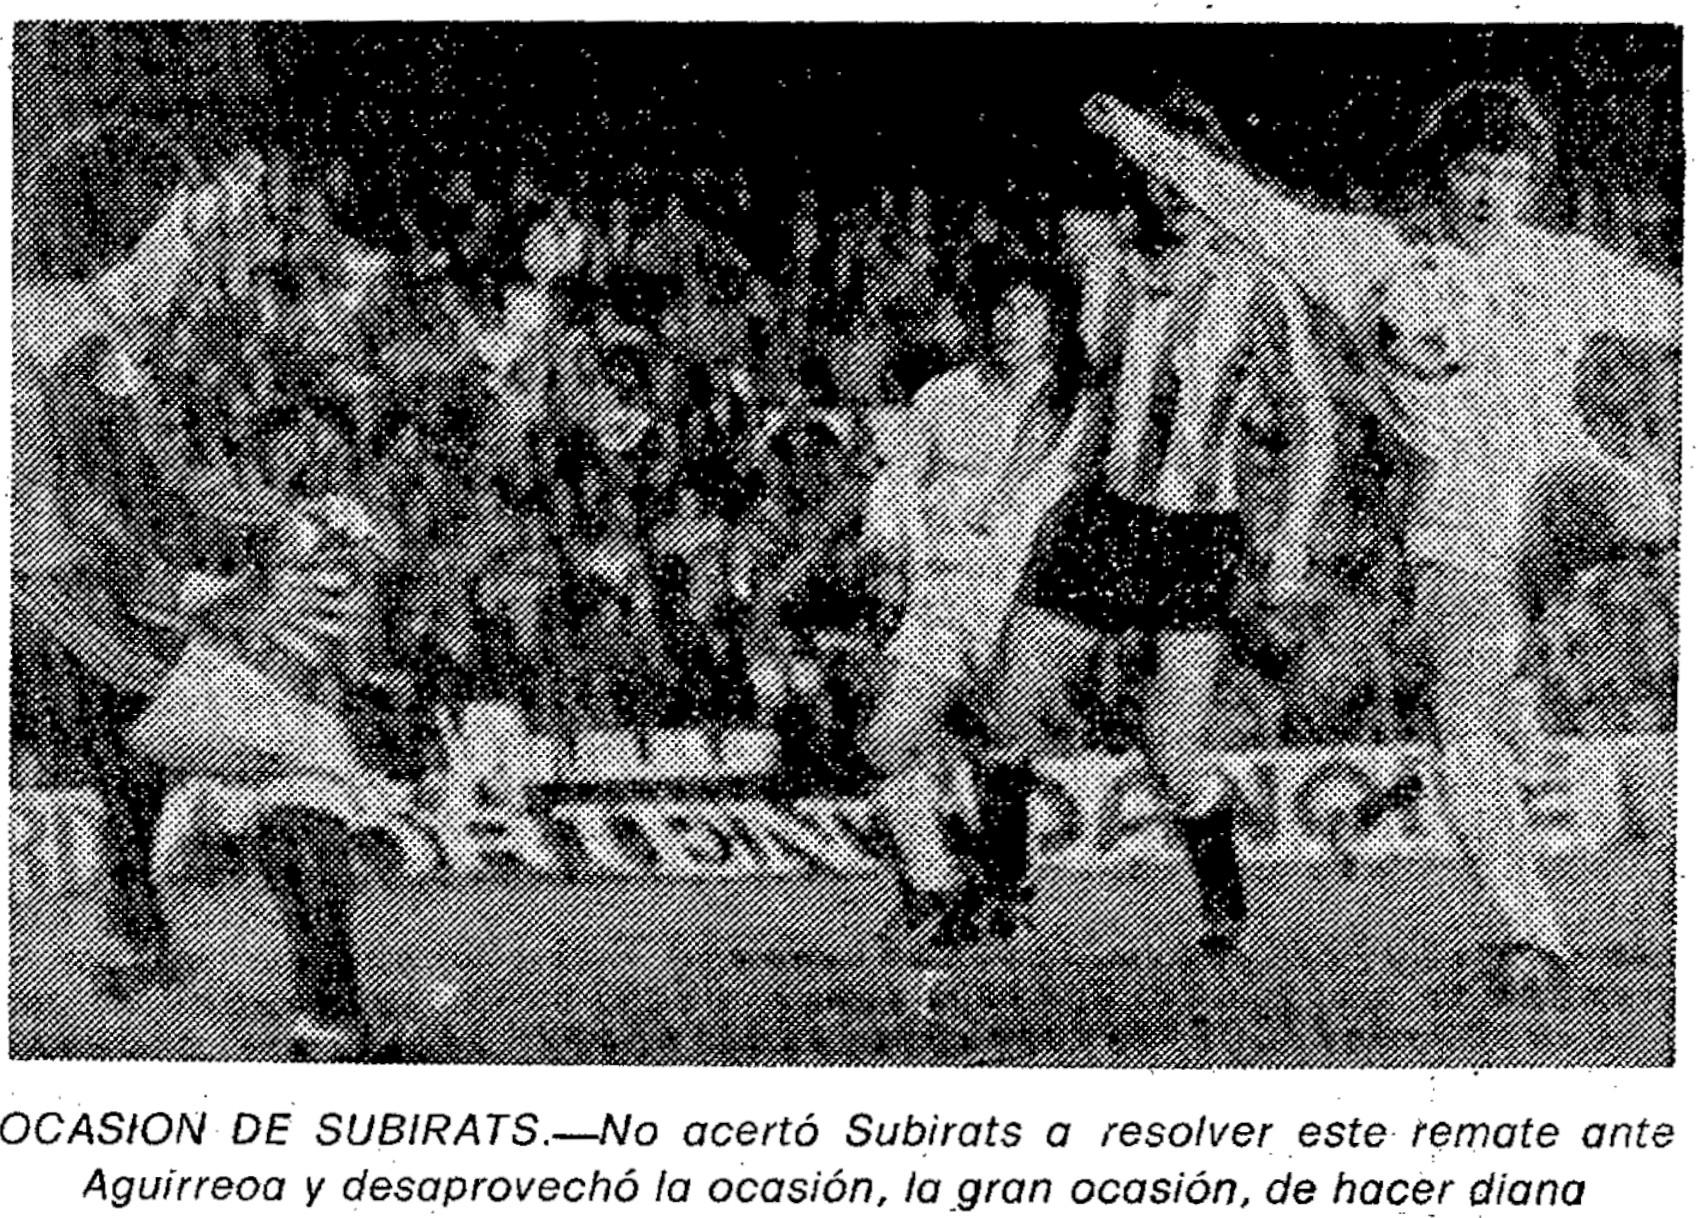 05.04.1980: Valencia CF 2 - 0 Athletic Club